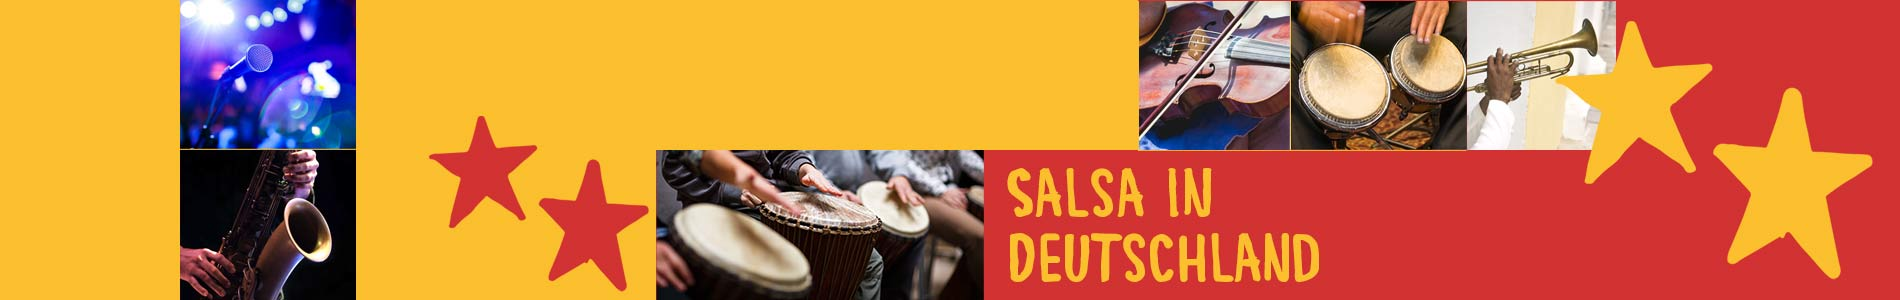 Salsa in Coswig – Salsa lernen und tanzen, Tanzkurse, Partys, Veranstaltungen